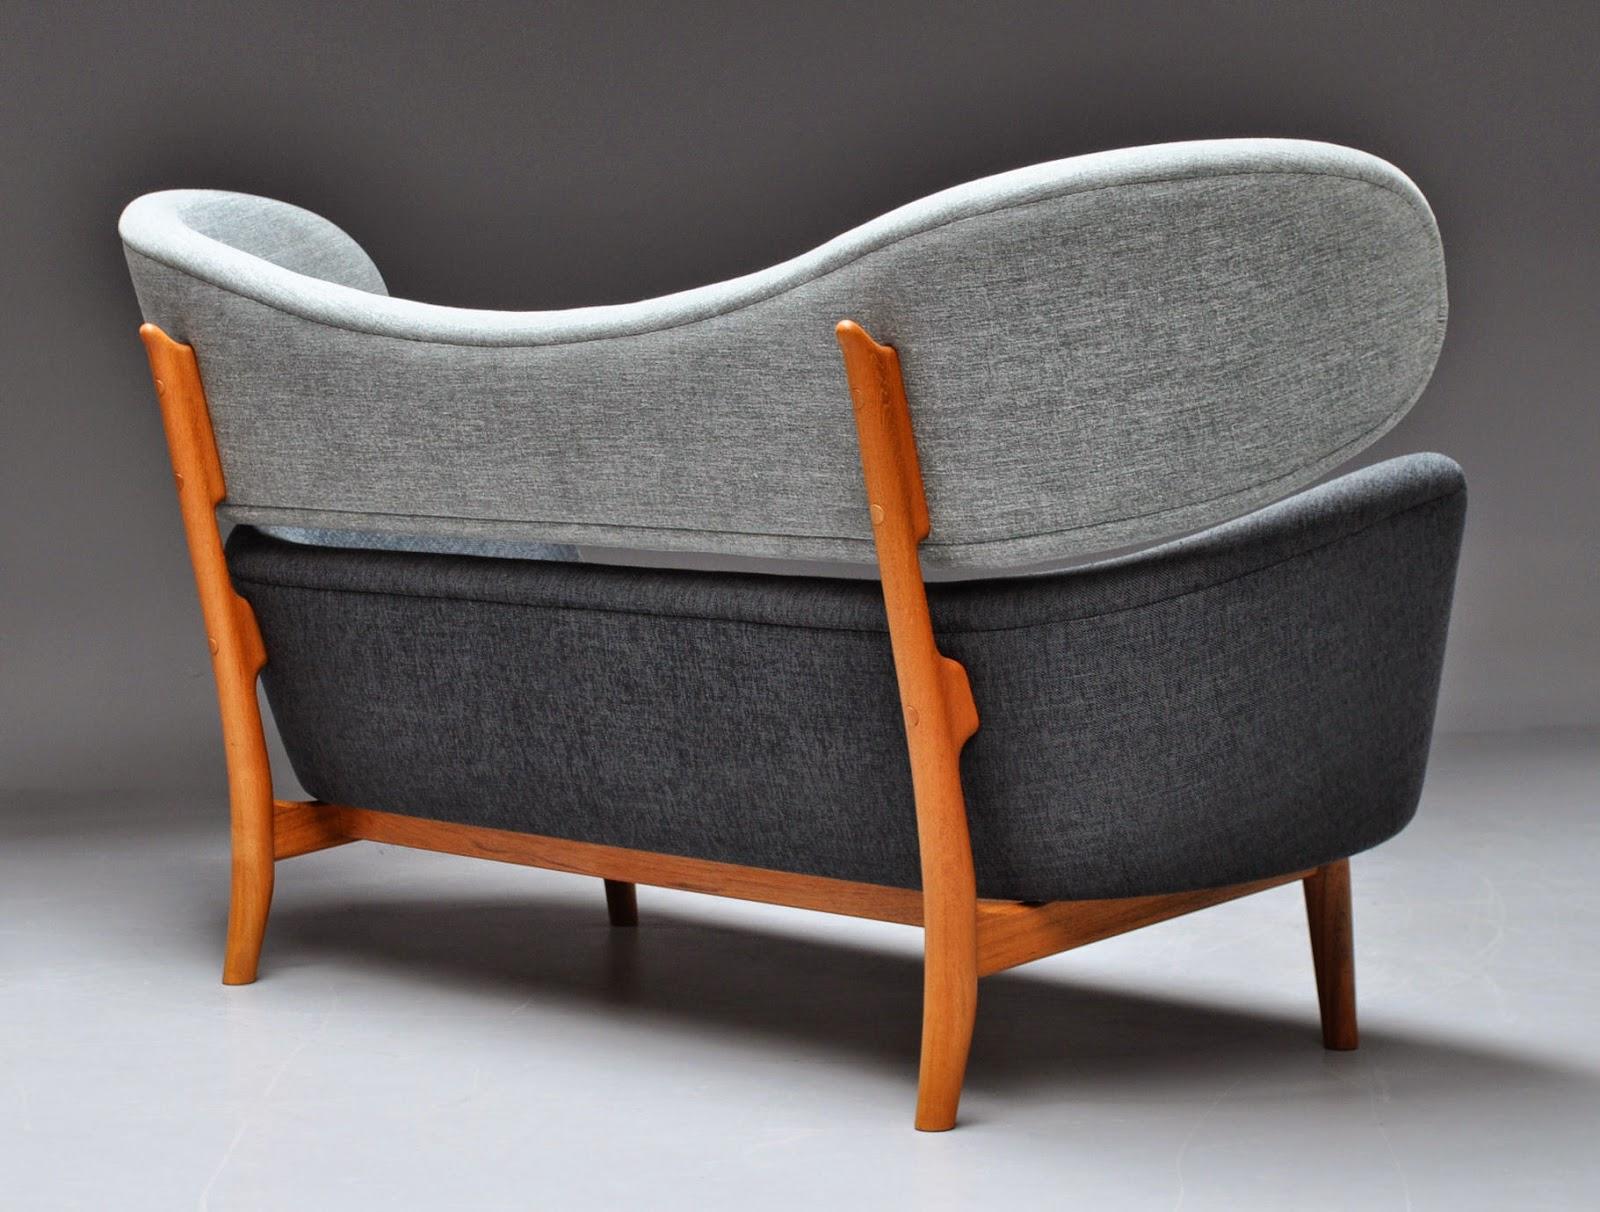 Finn juhl the baker sofa -  Baker Sofa Designed By Danish Architect Finn Juhl For American Company Baker Furniture 1951